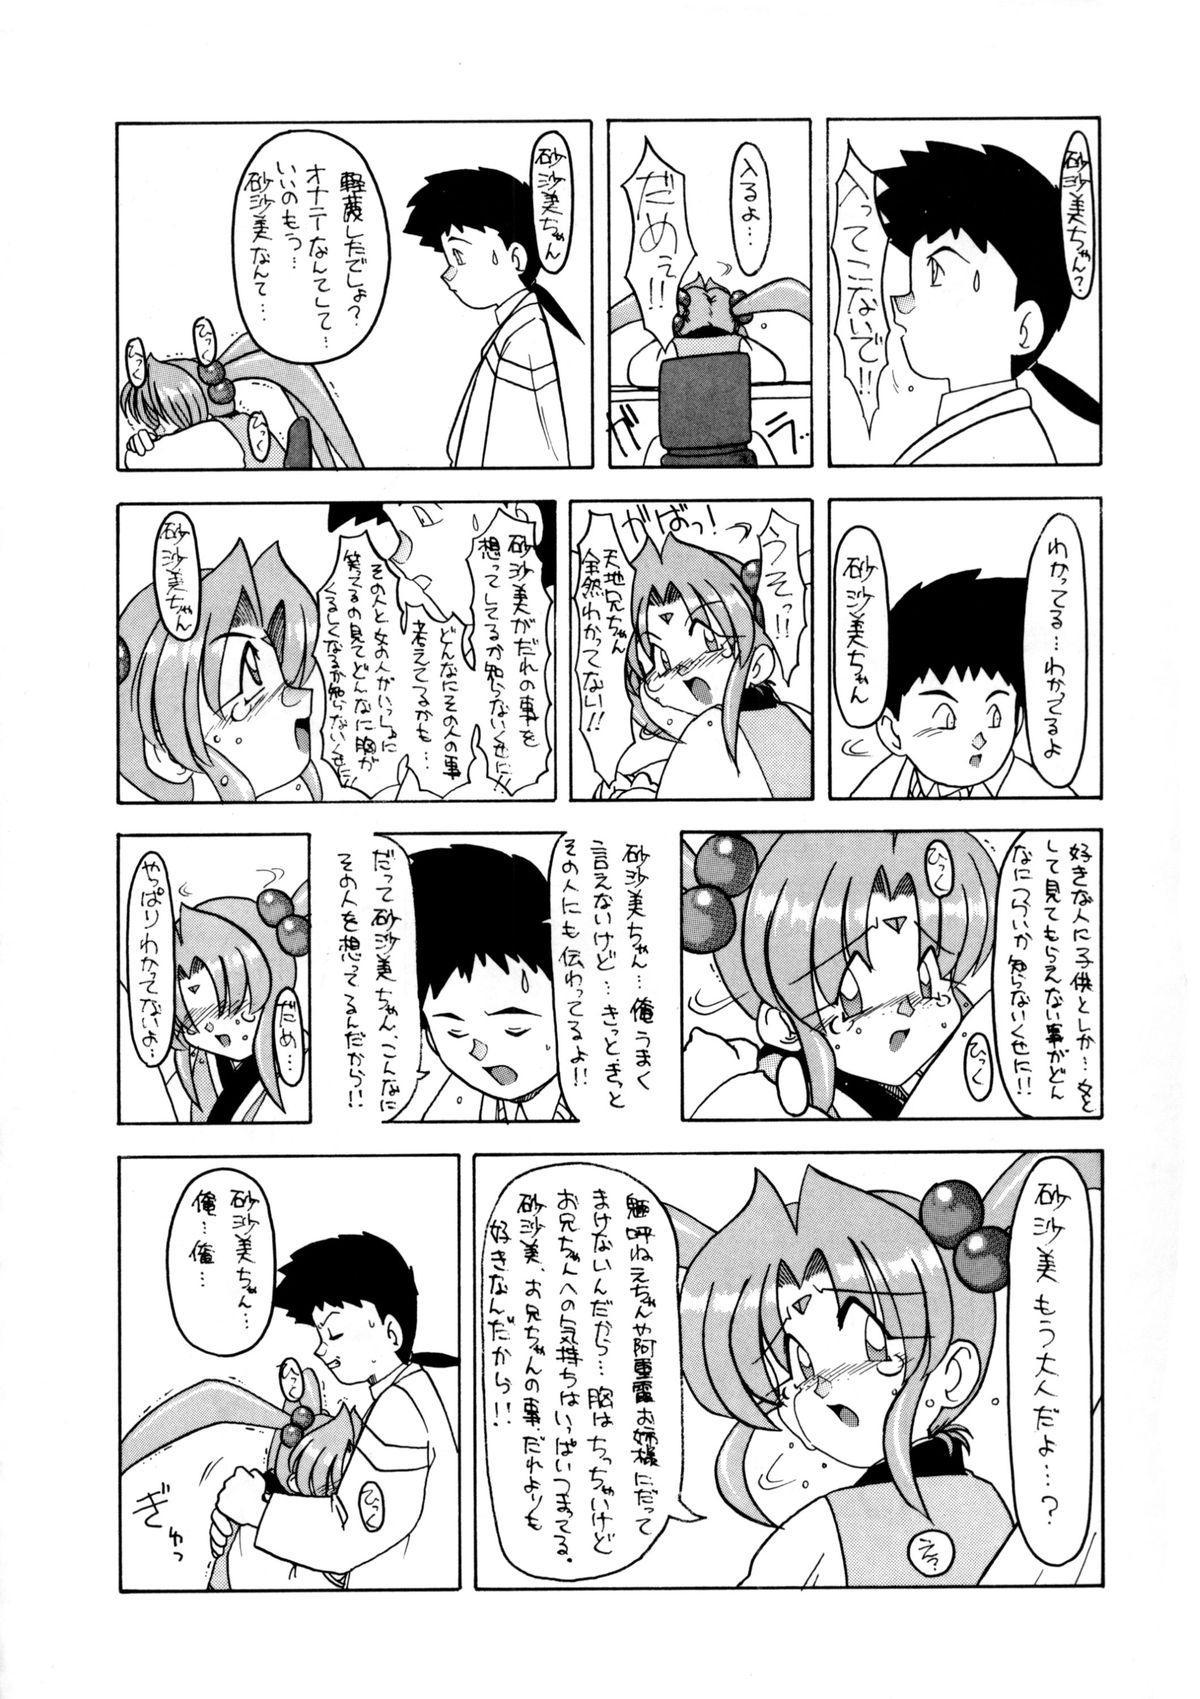 Tabeta Kigasuru 8 24